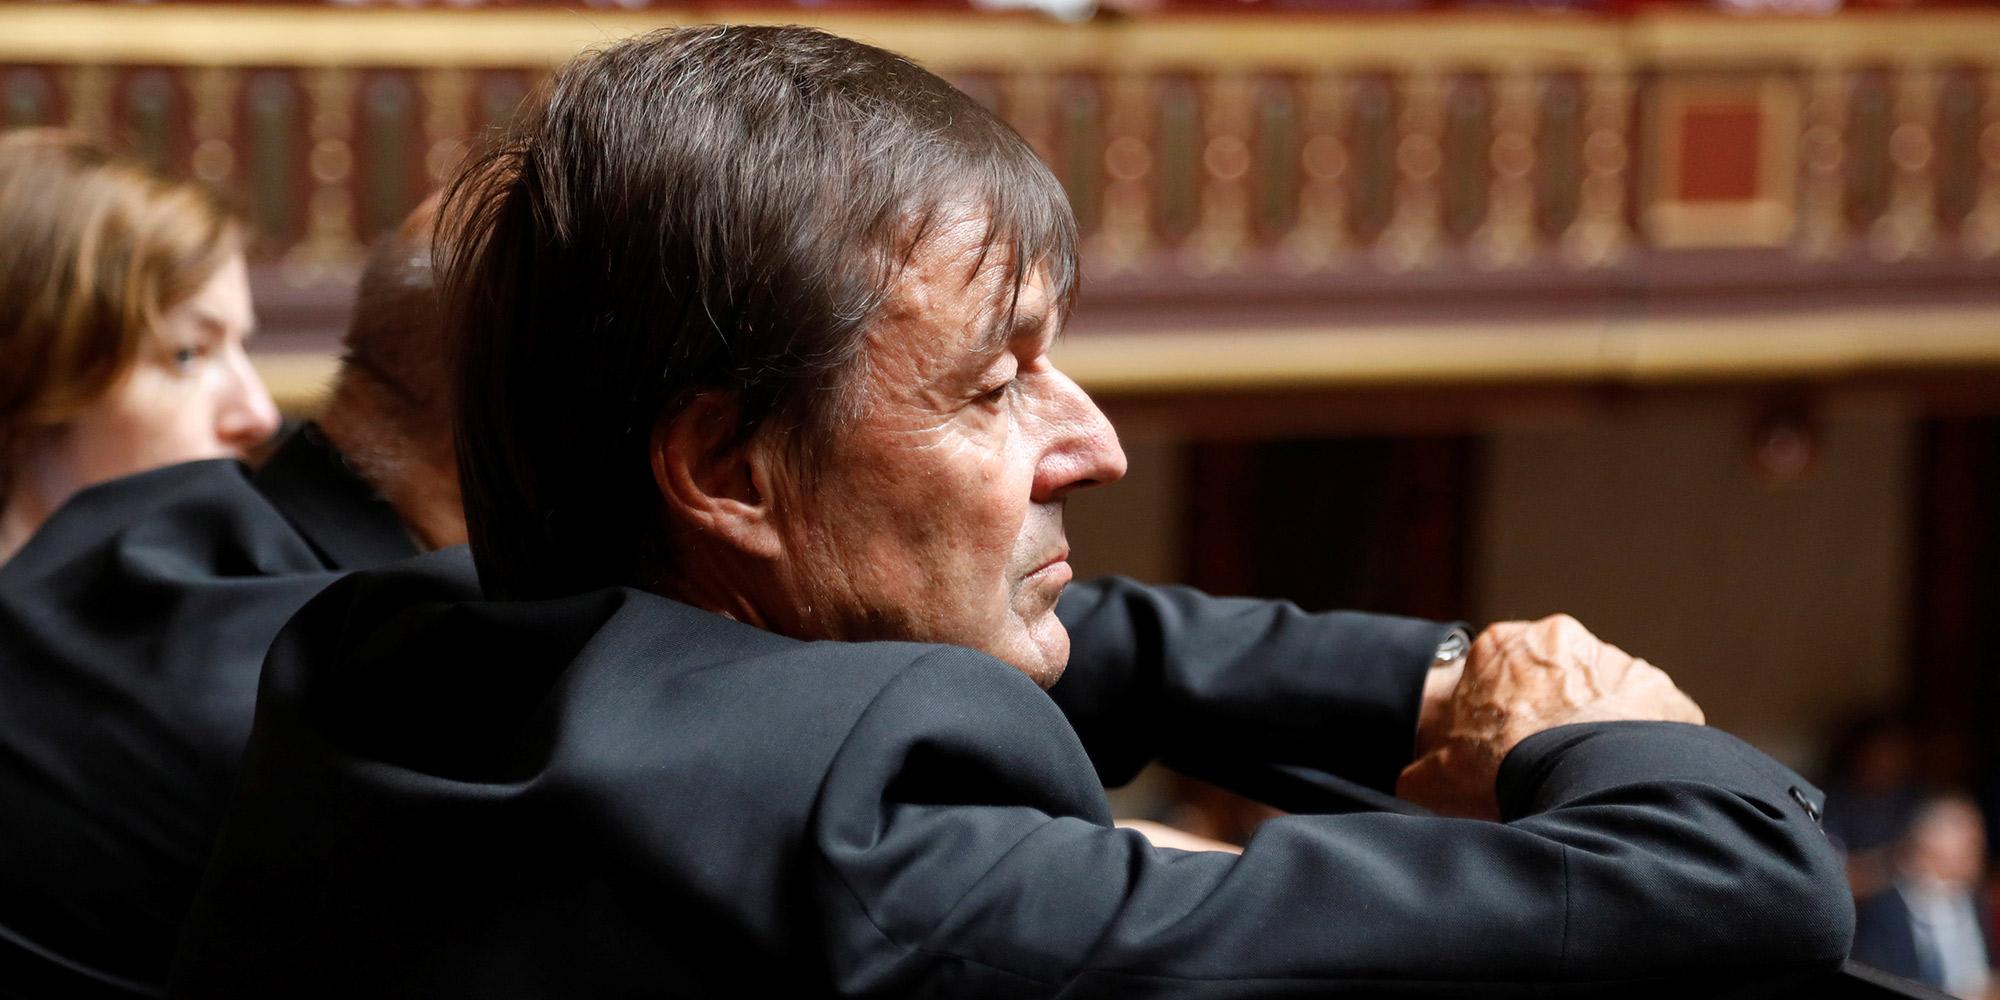 Nicolas Hulot revient… et prend le risque d'être inaudible face aux gilets jaunes